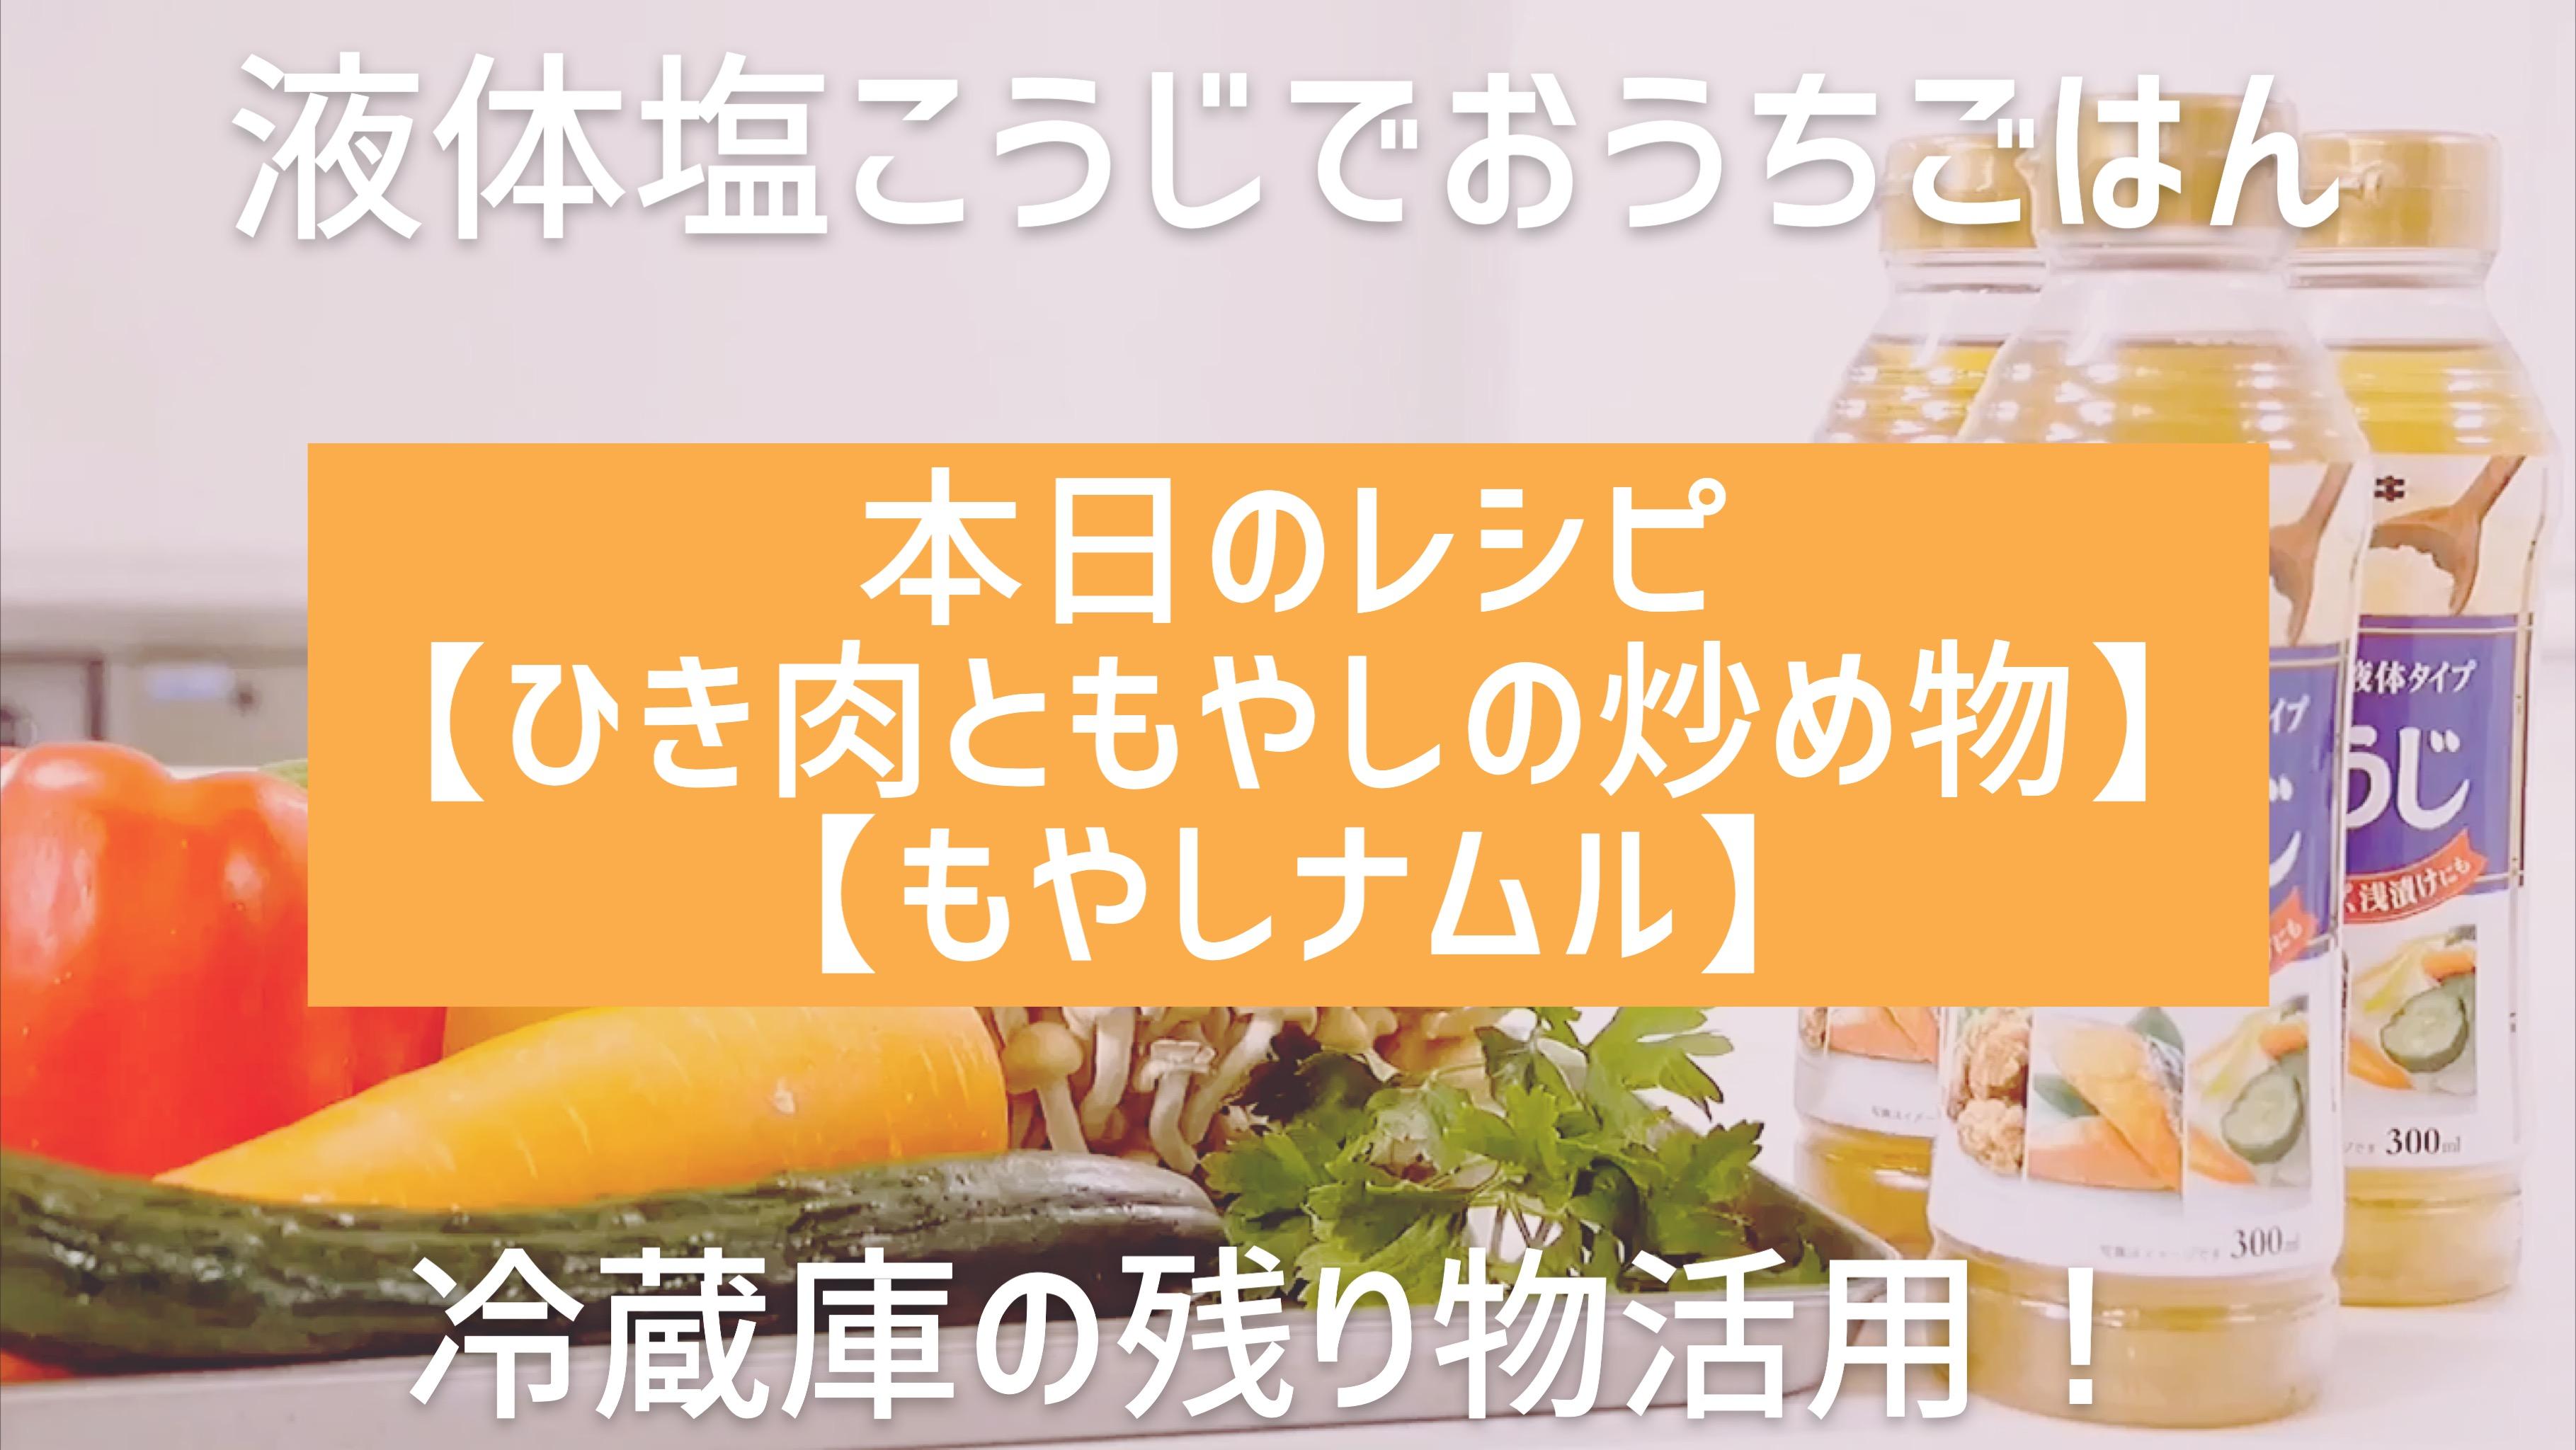 【ハナマルキ公式Youtube】液体塩こうじでおうちごはん#8 ひき肉ともやしの炒め物&もやしナムル